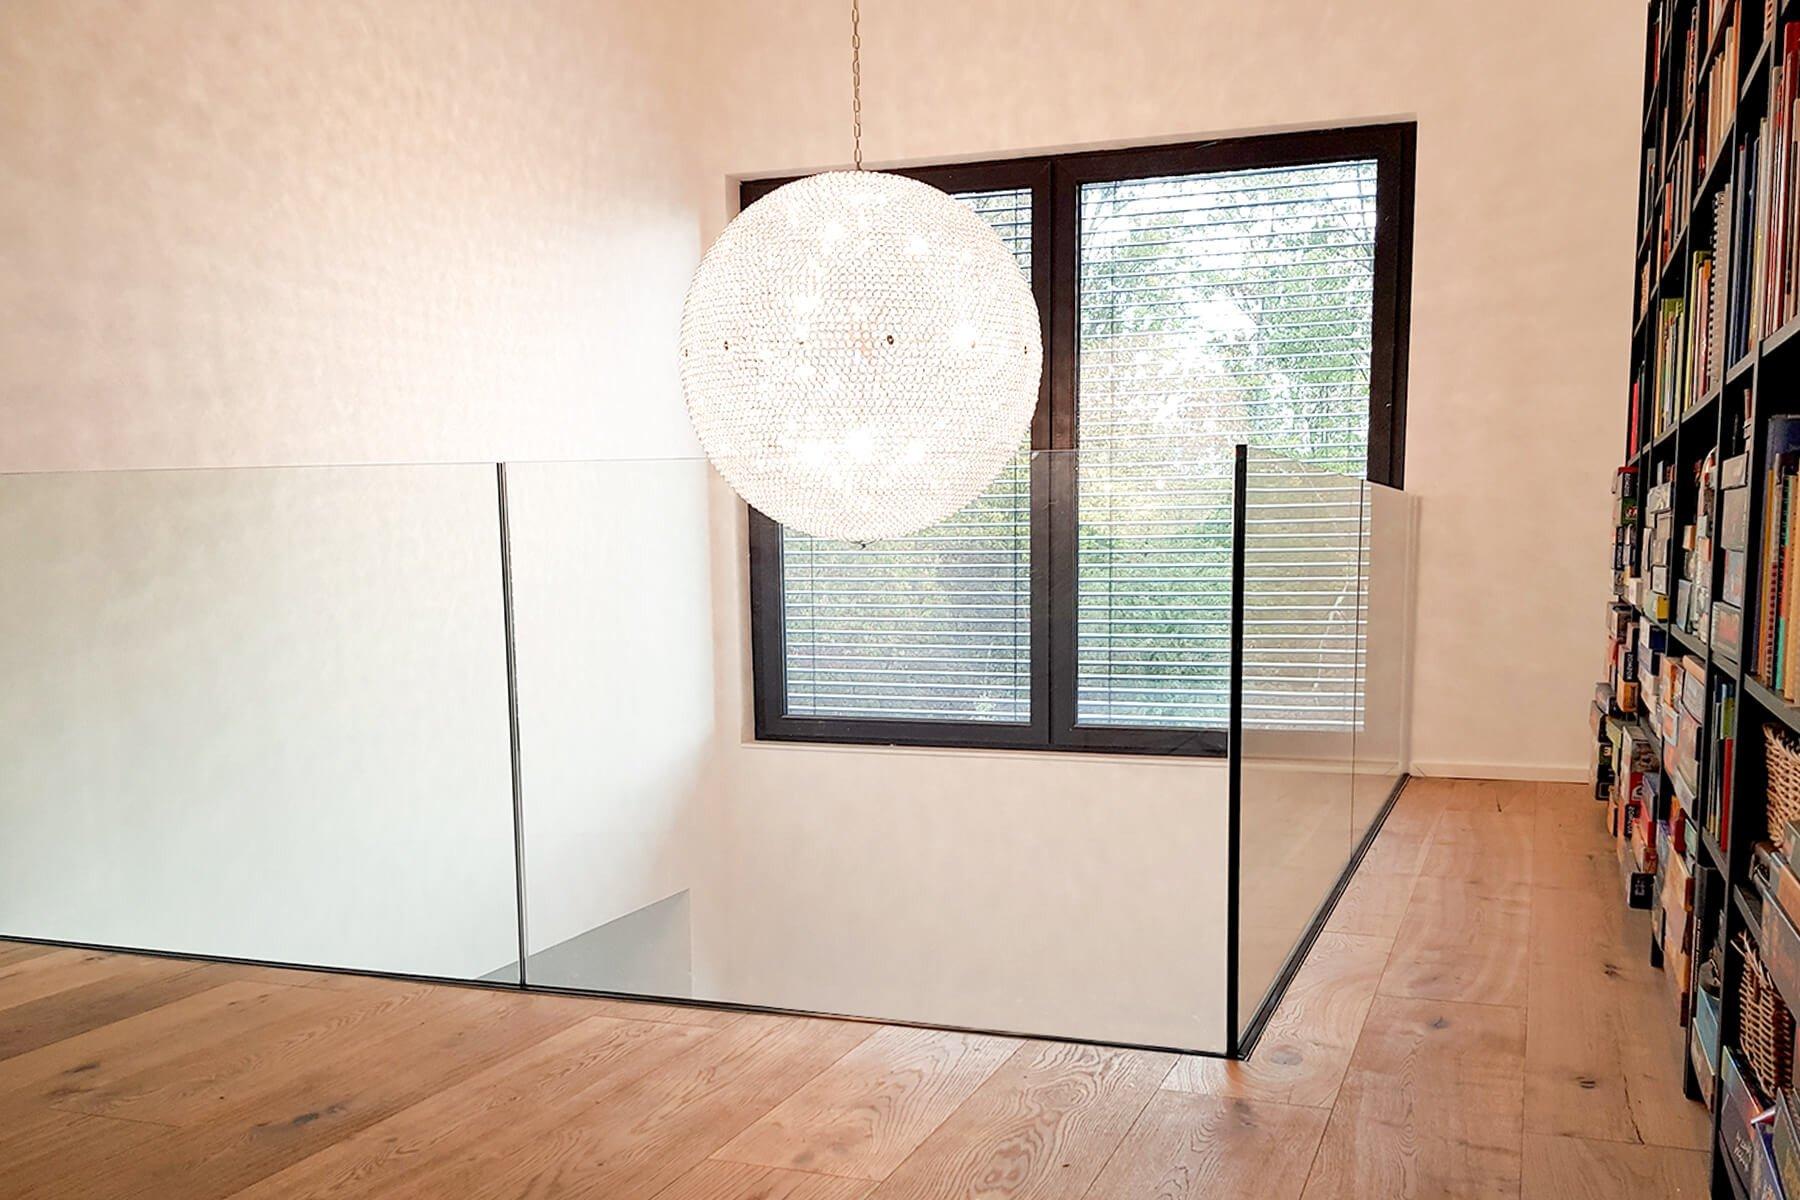 Reling aus Glas für Balkon oder Dachterrasse nach Maß Mit rundem Handlauf aus Edelstahl